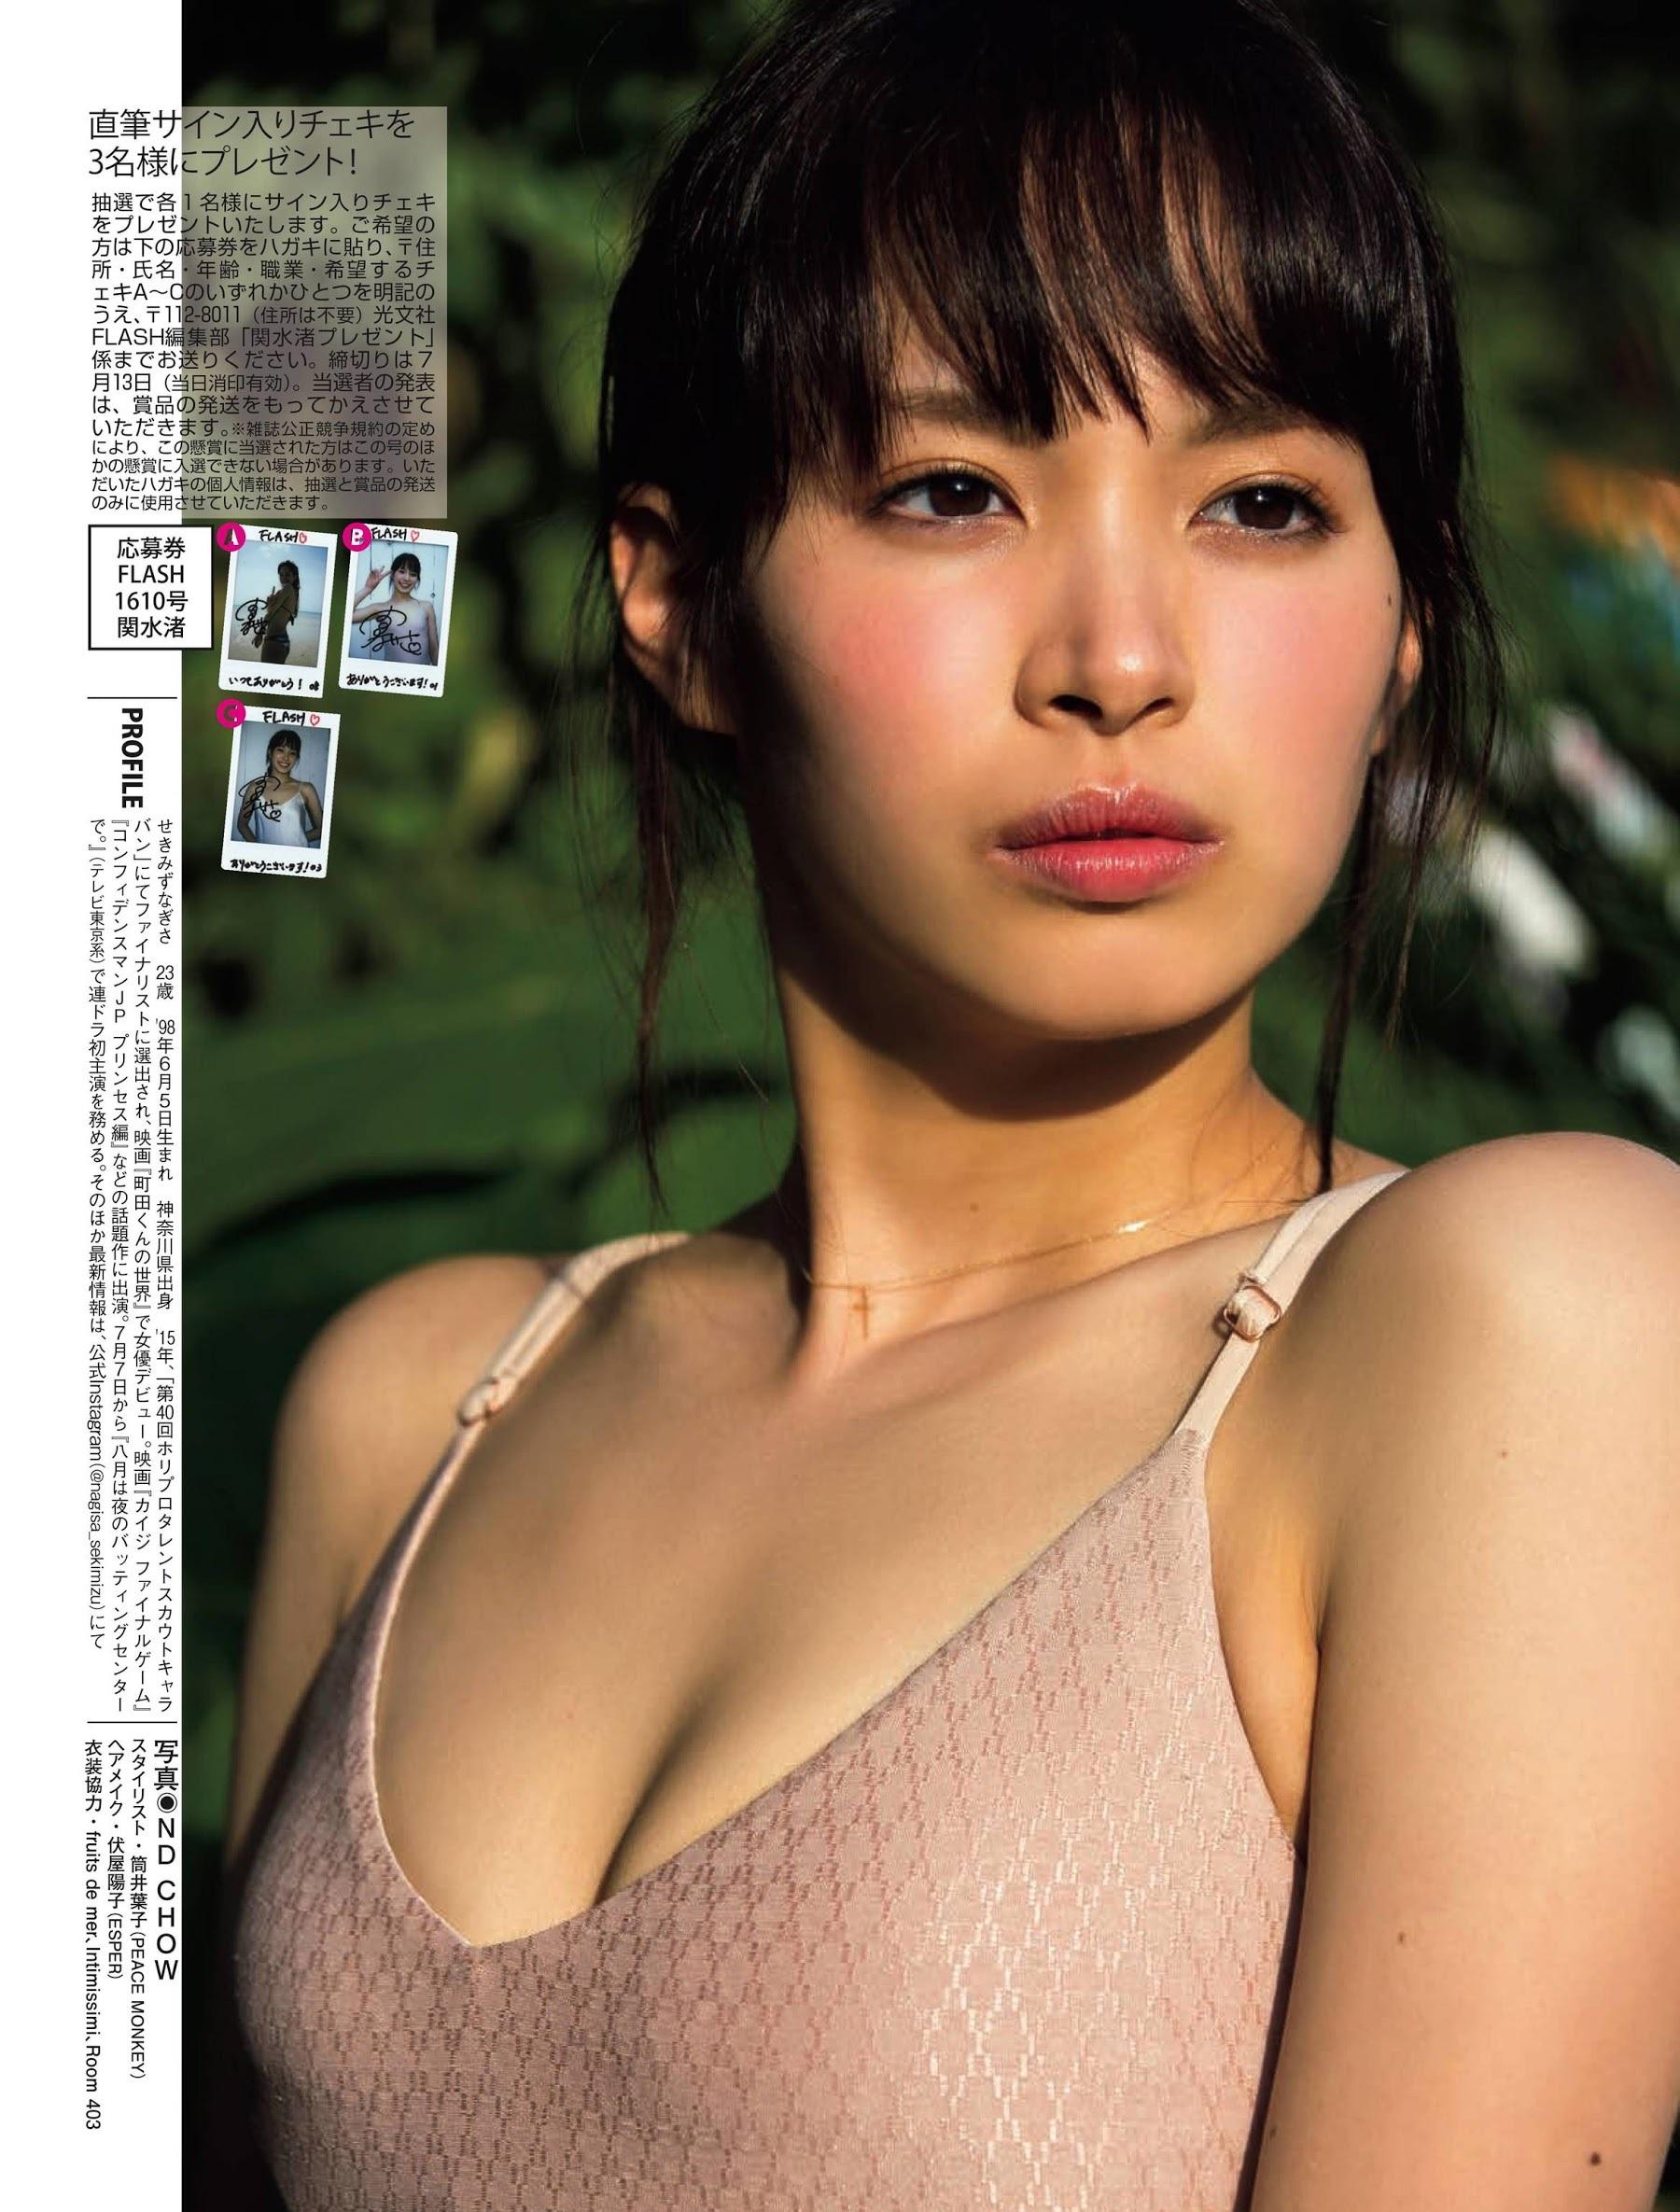 関水渚142